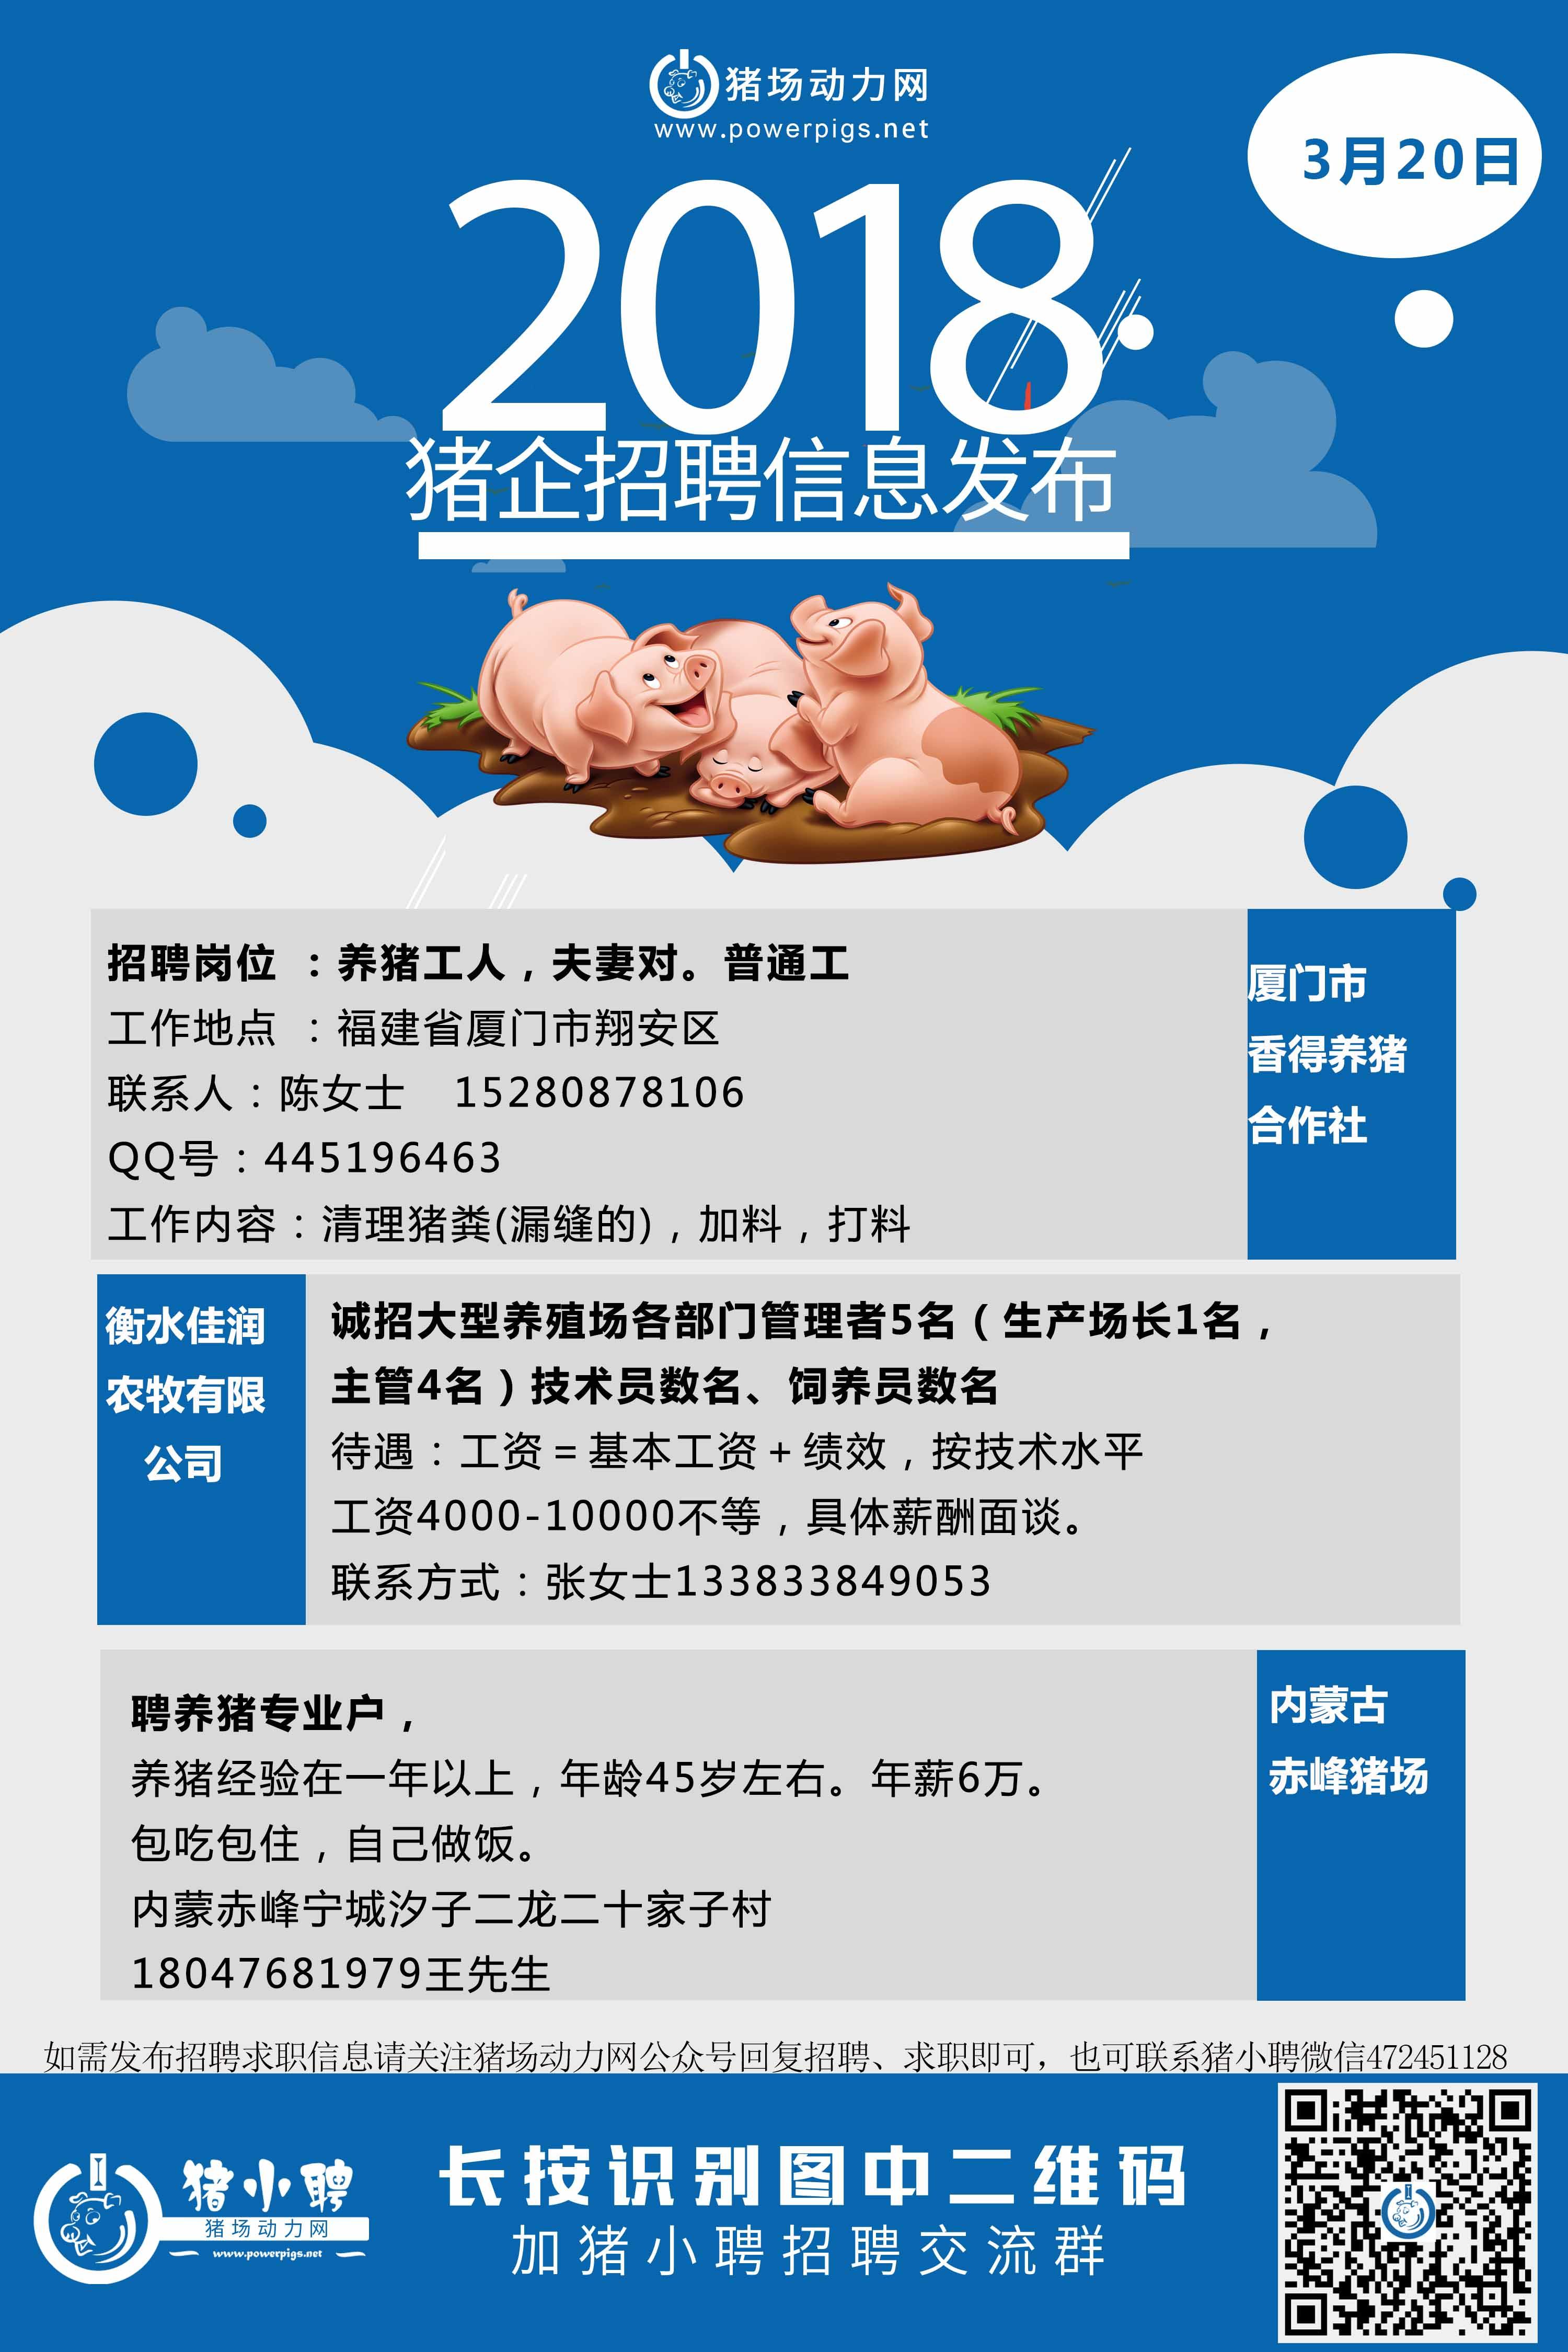 3.20日猪场招聘.jpg